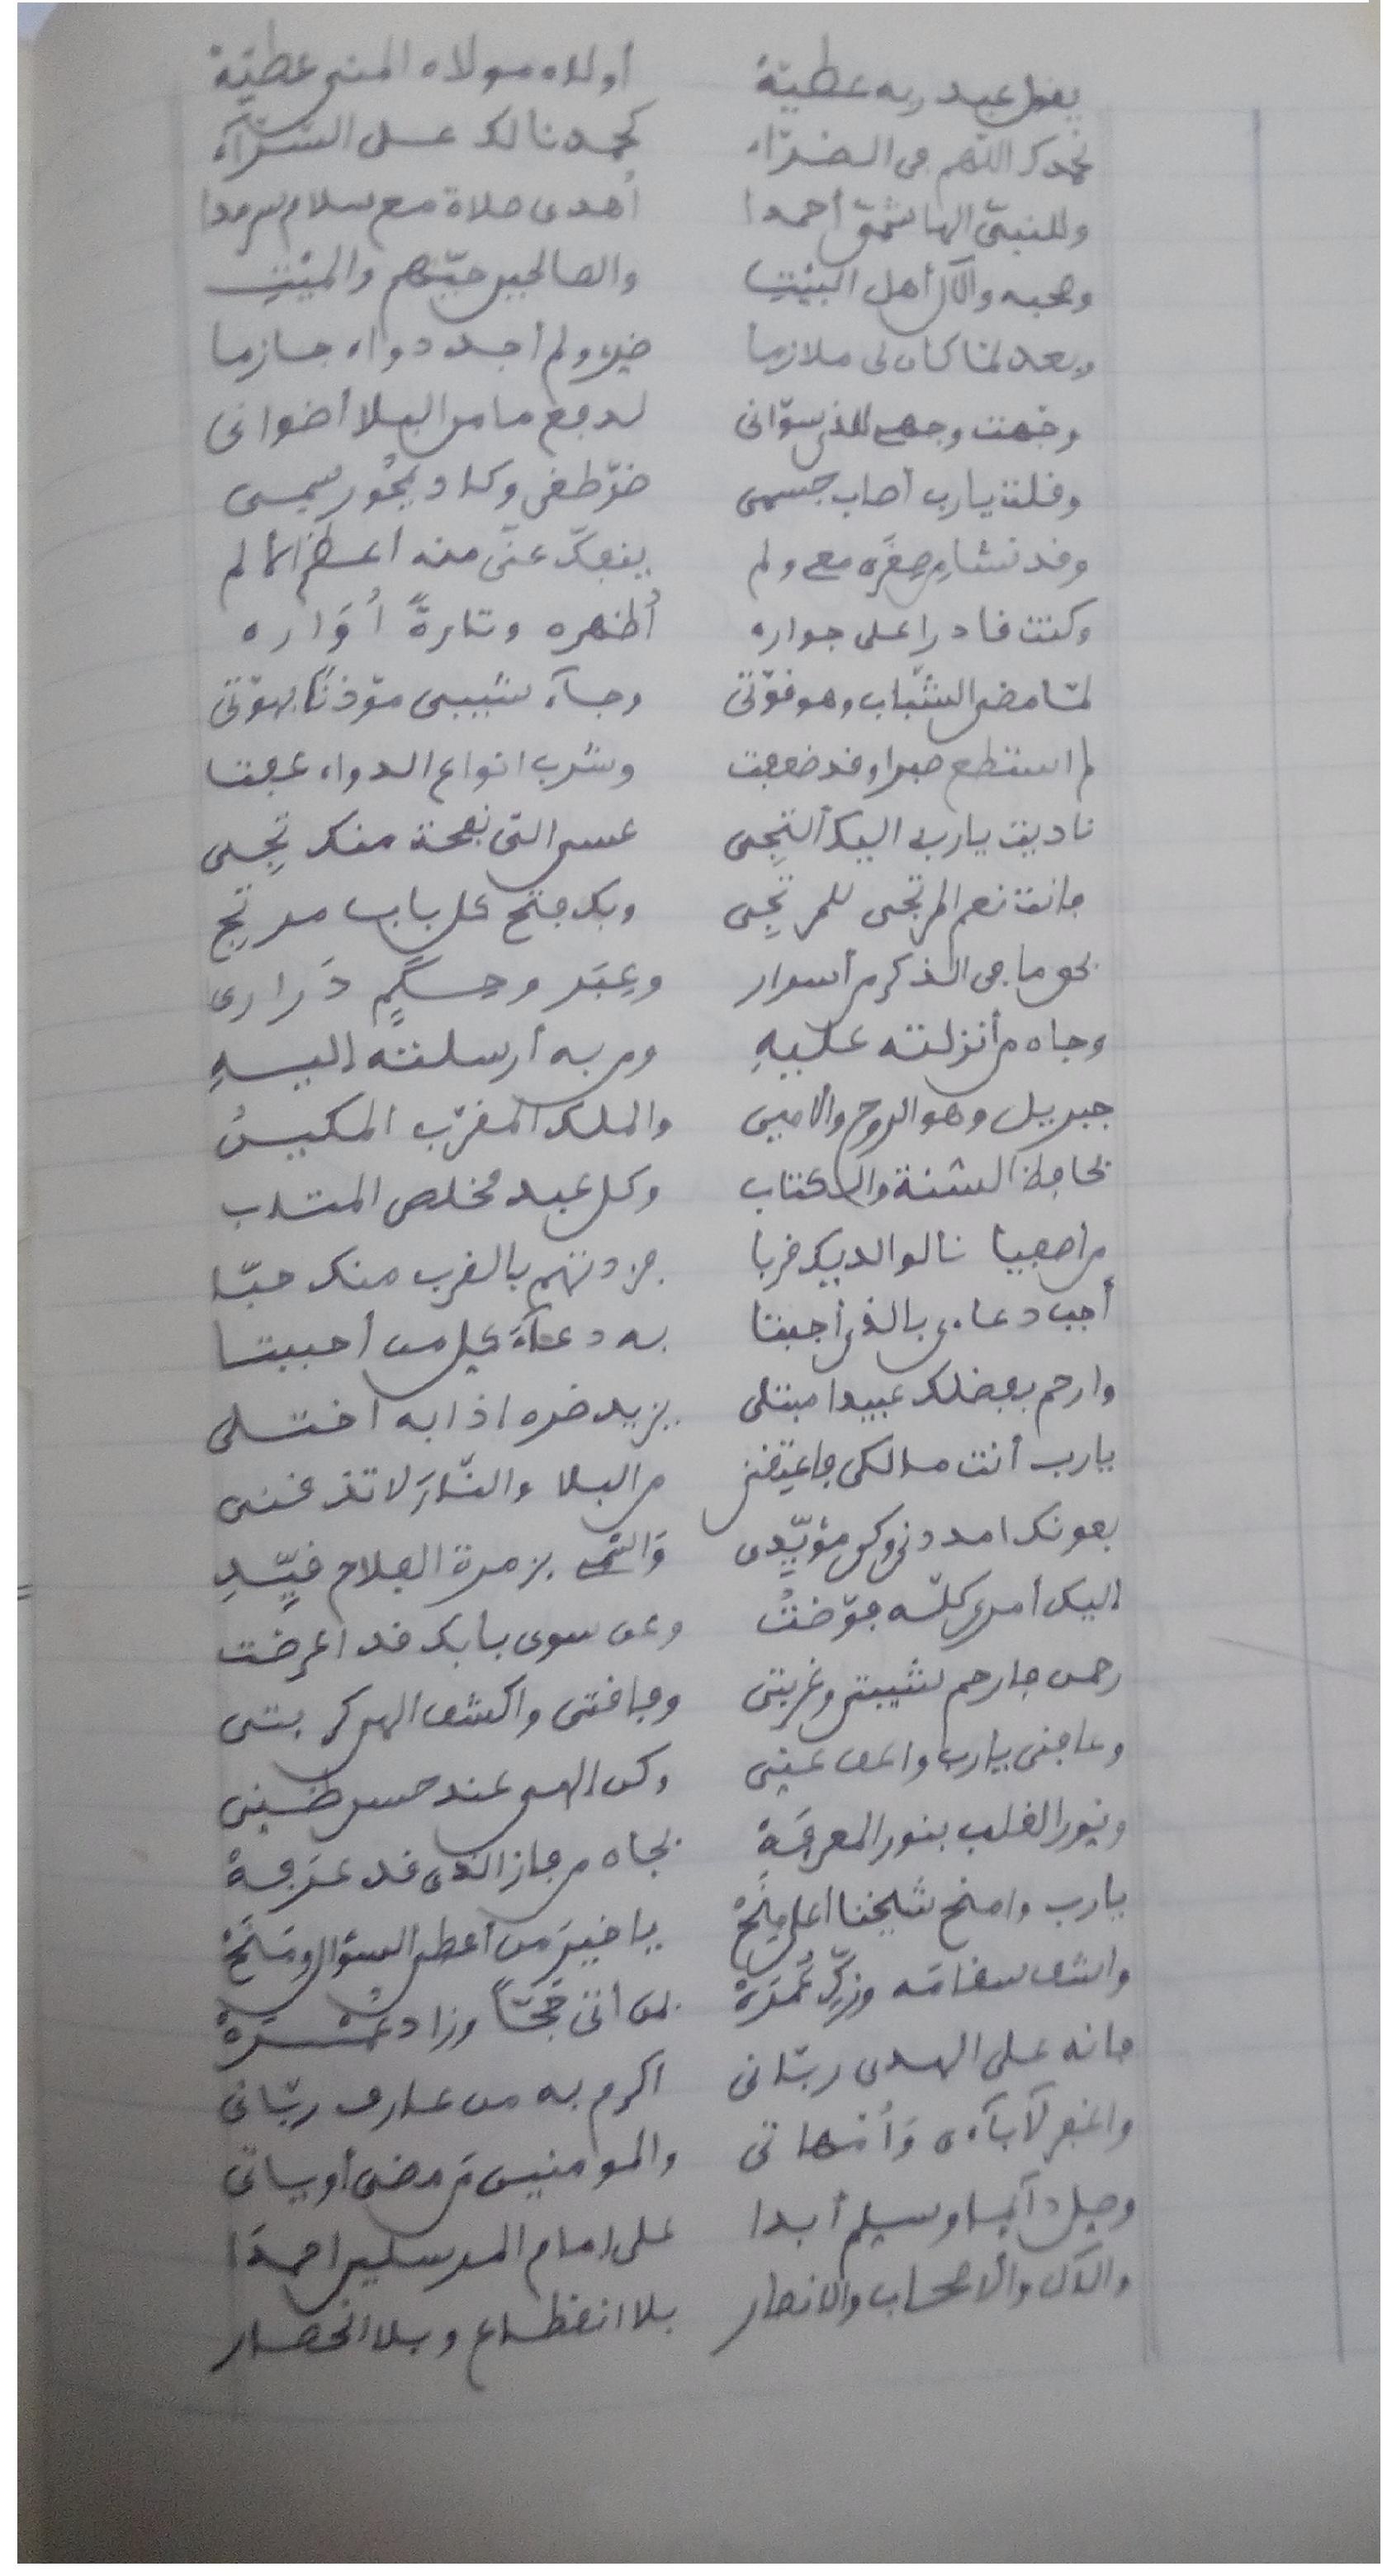 قصيدة نظمها الشيخ سي عطية مناجيا ربه لما اشتد به المرض